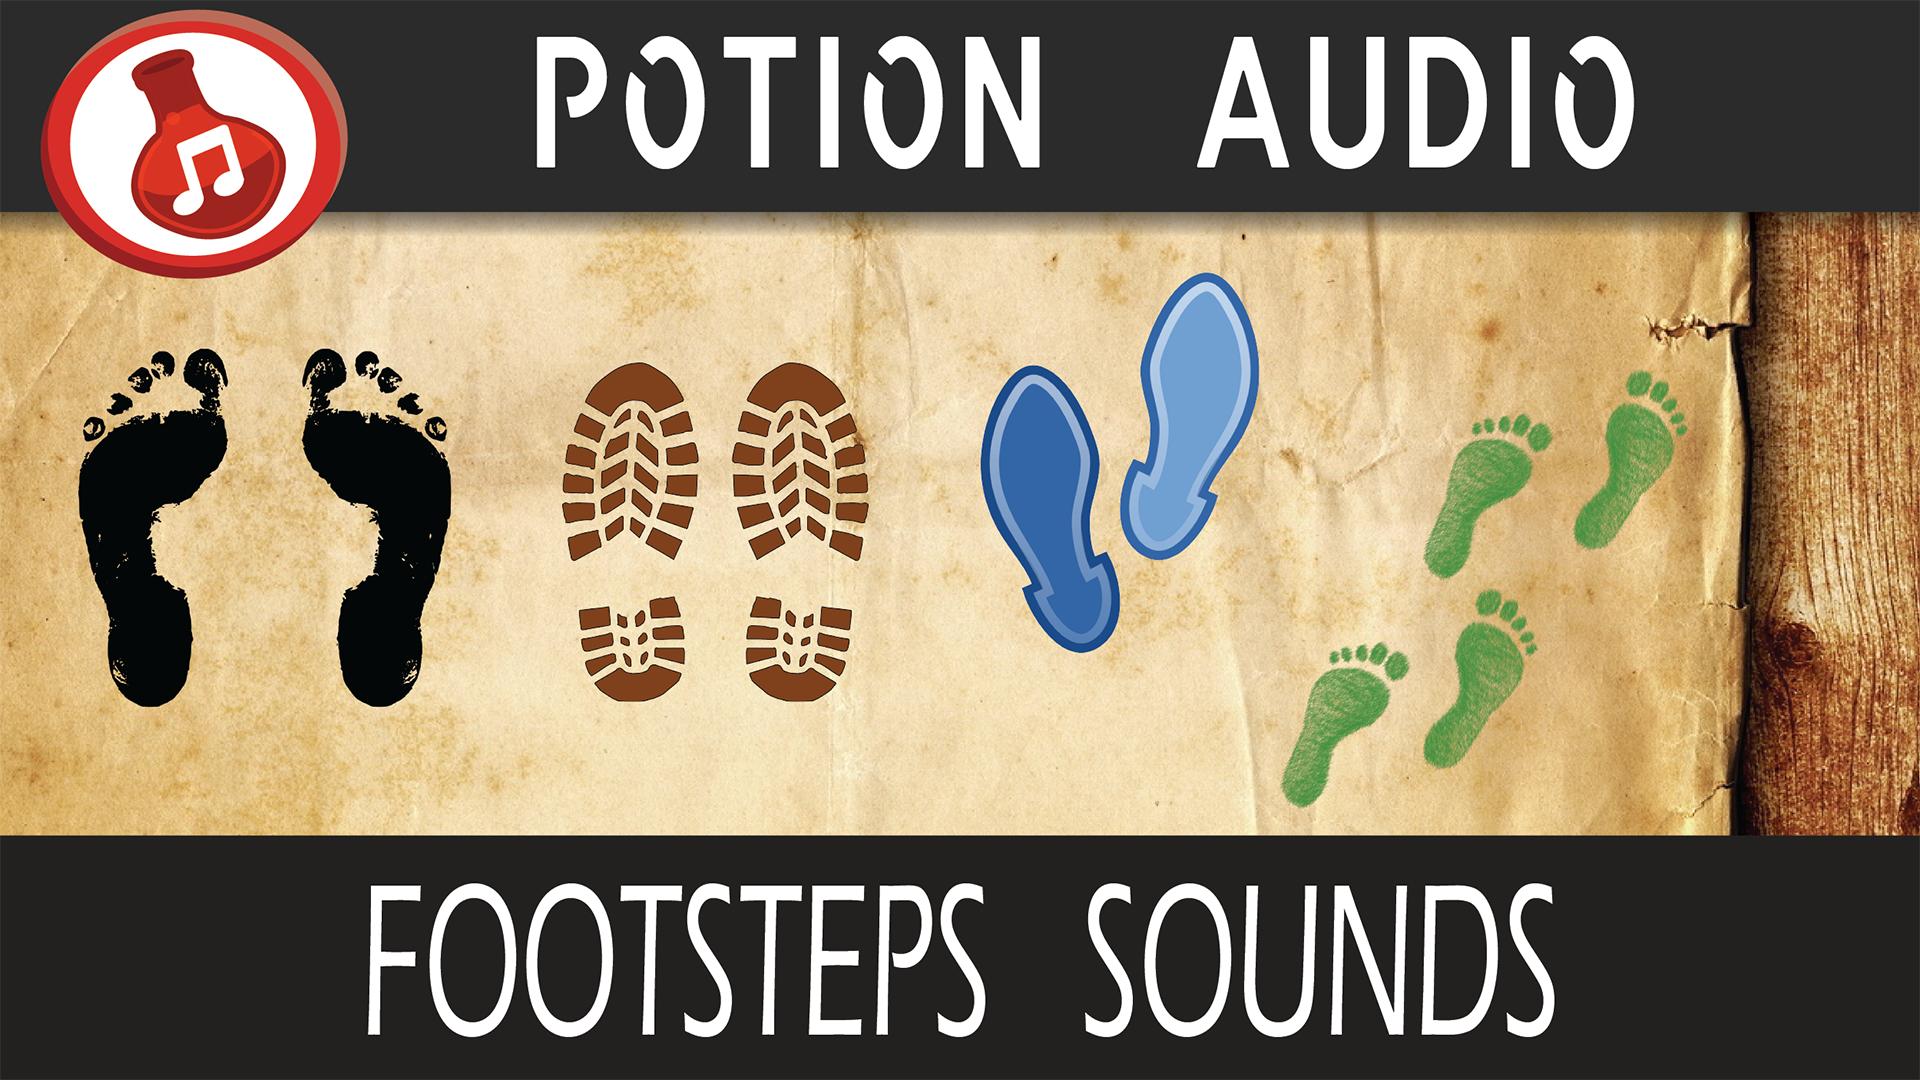 Footsteps Sounds